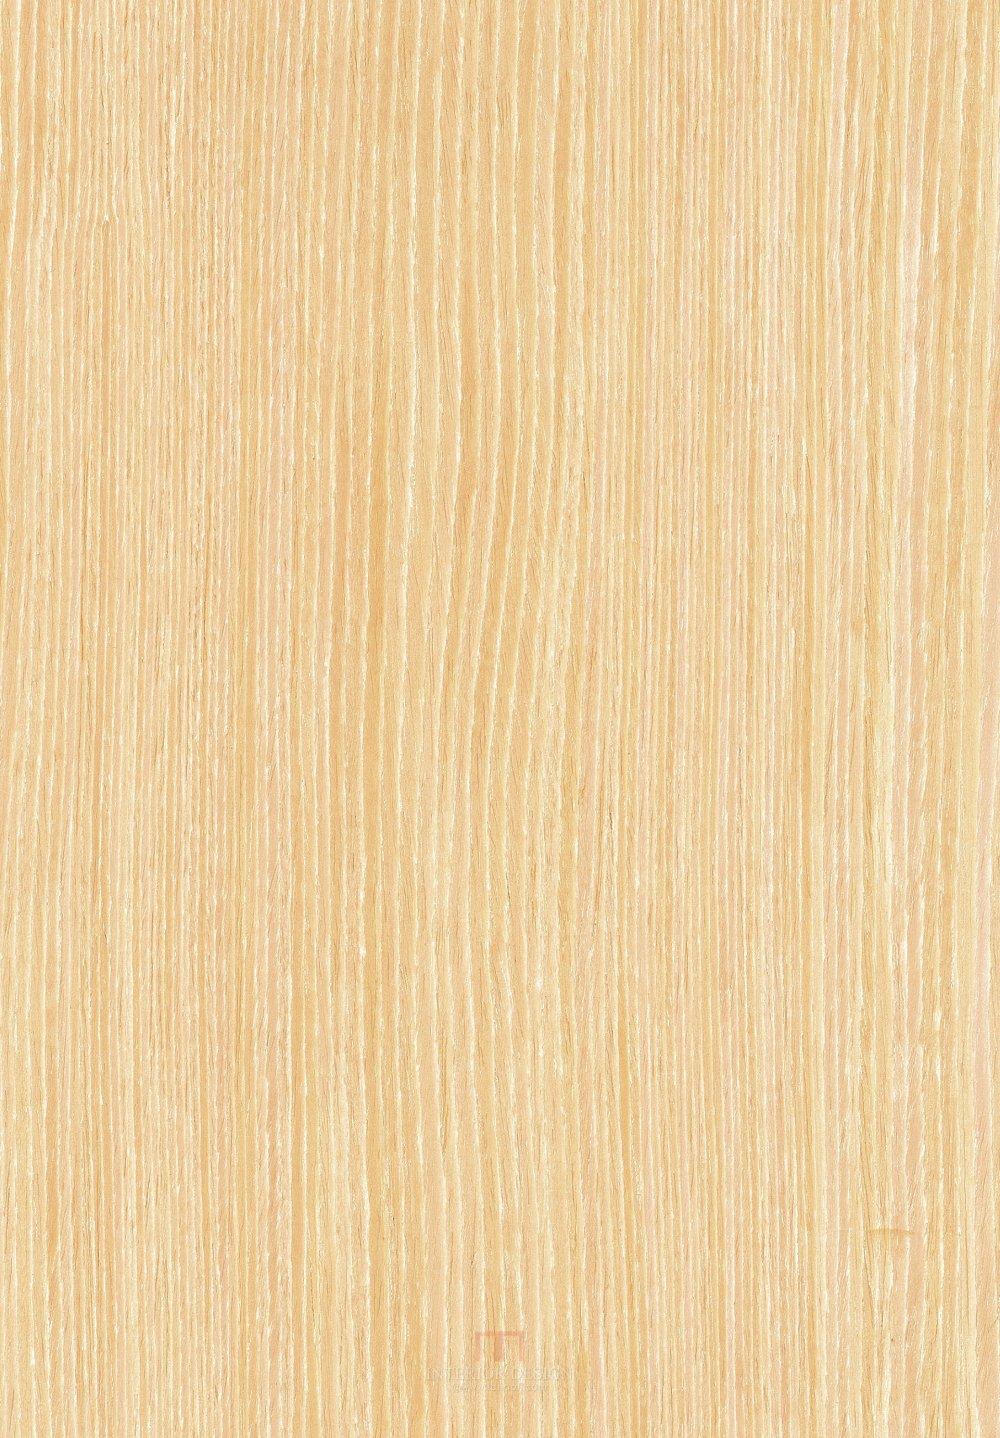 K6306_白橡木.jpg